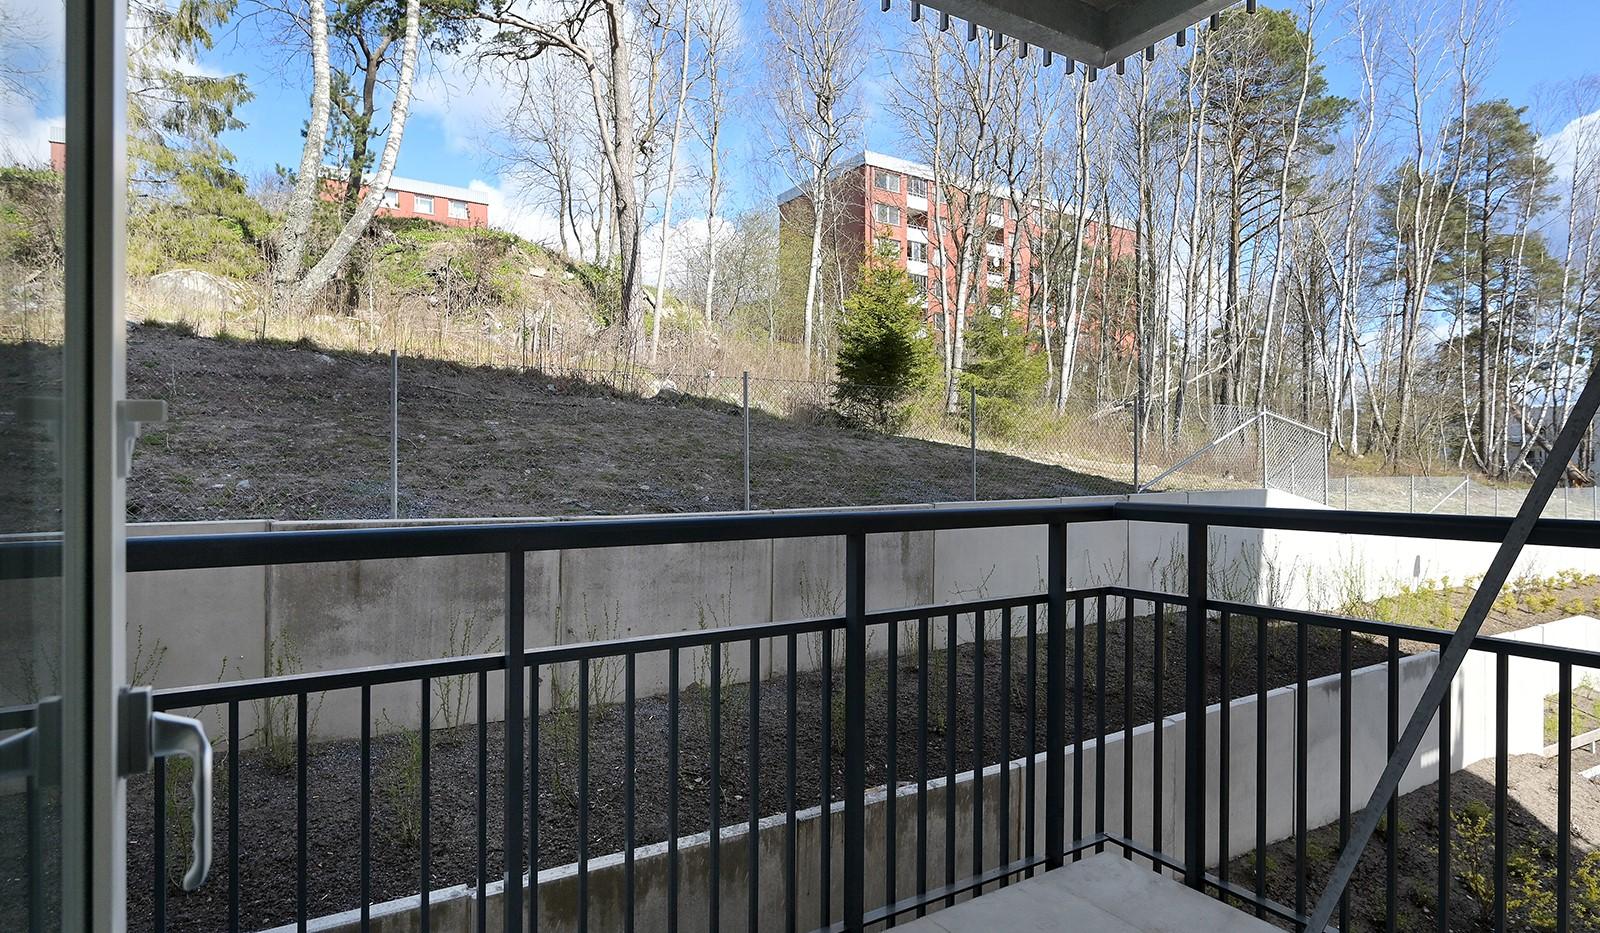 Småbrukets backe 12, 2tr - Utsikt från balkongen